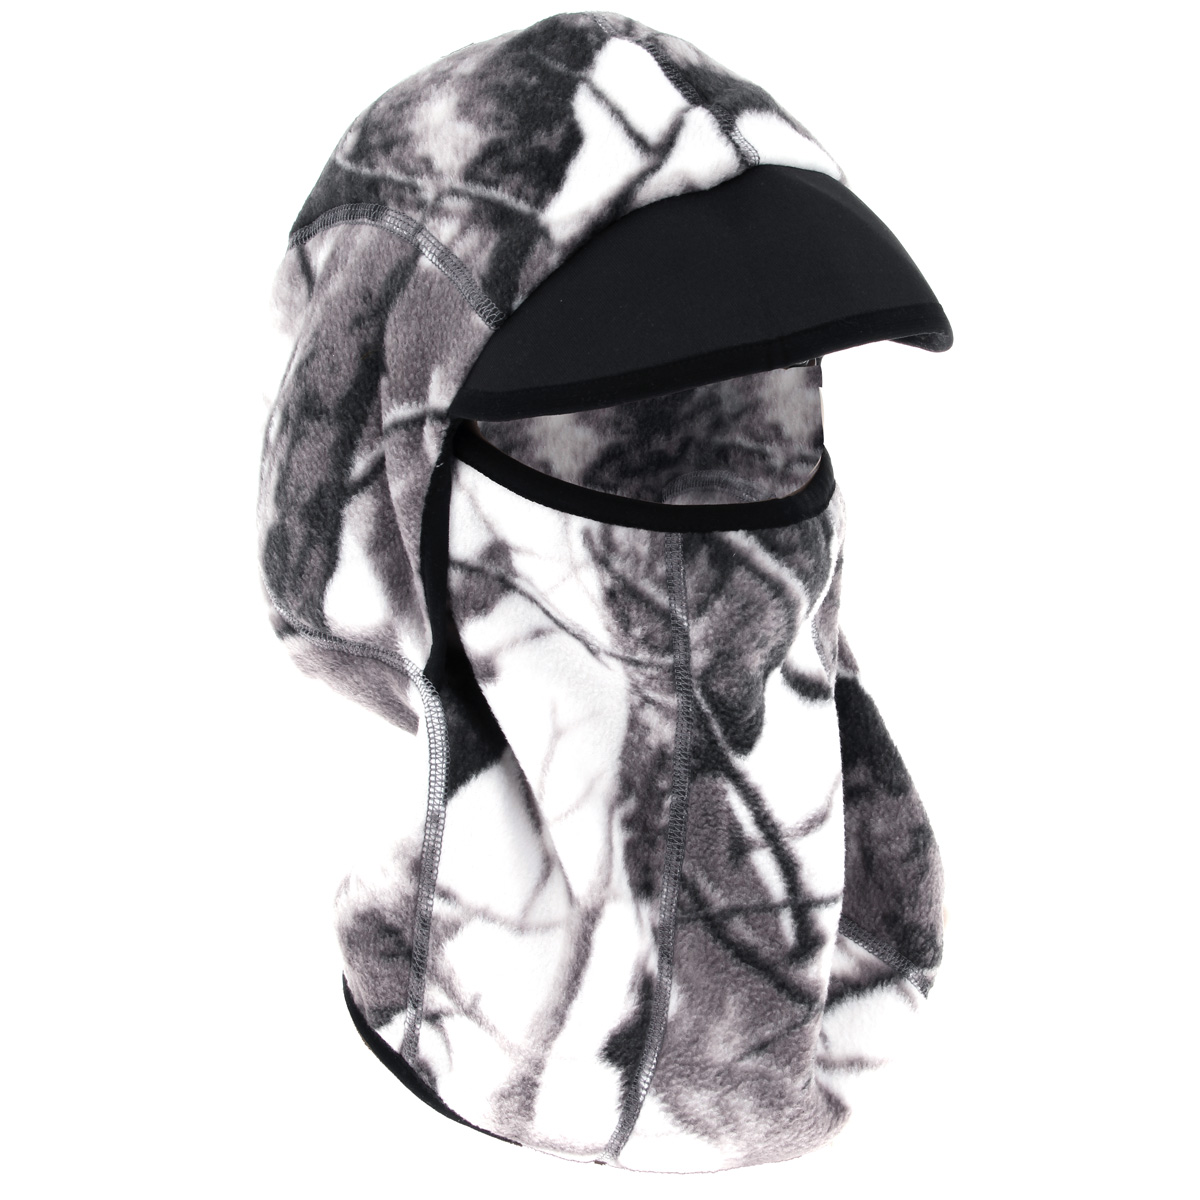 Шапка-маска мужская Norfin, цвет: зимний лес. 752. Размер L (58/59)752-WТеплая шапка-маска Norfin - отличная модель для холодной погоды. Это стильная и износостойкая шапка выполнена из флиса и оформлена вышитым логотипом бренда. Также есть не большой козырек над глазами.